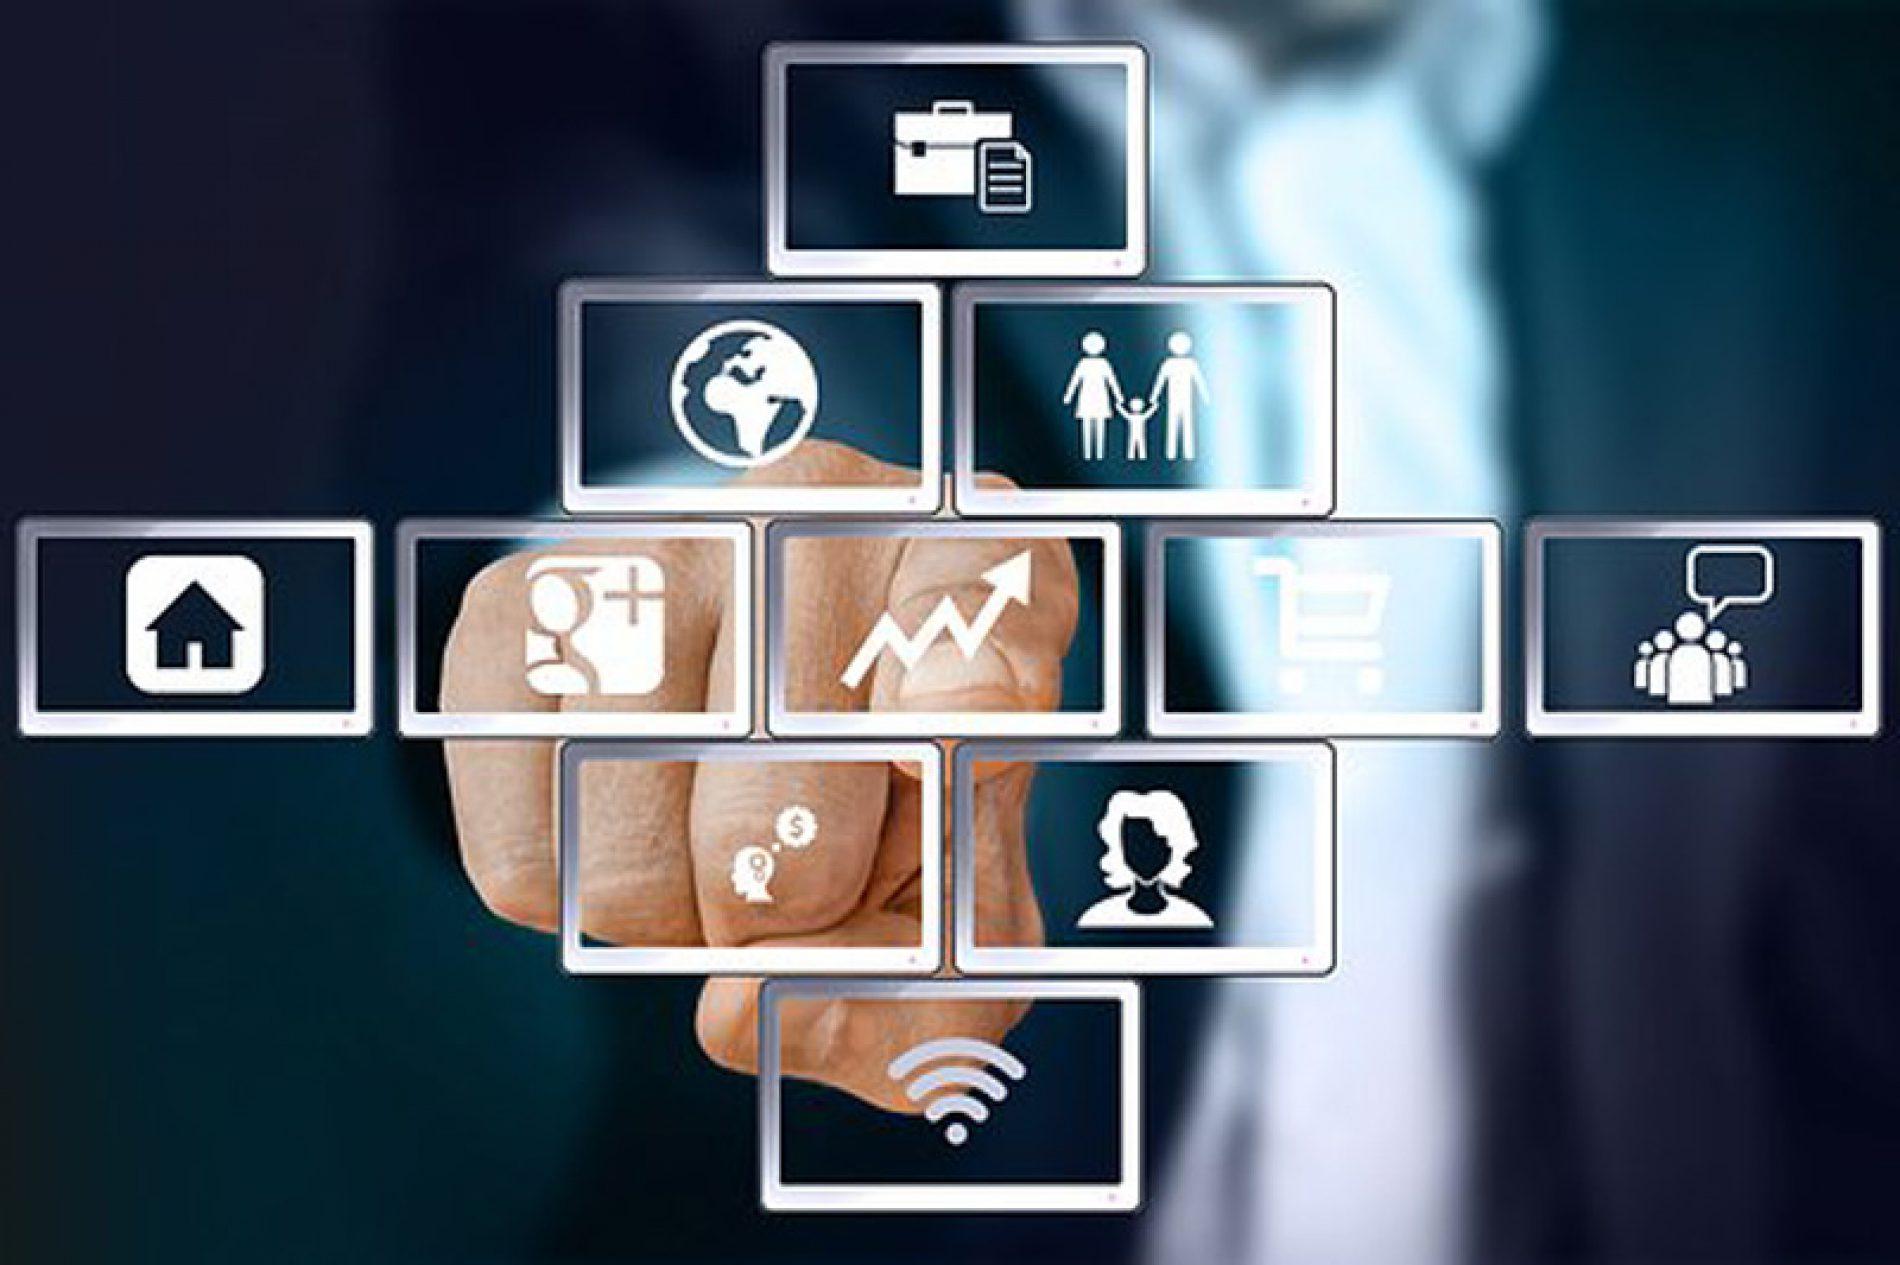 Rivoluzione 4.0: lavoro, industria e digitale